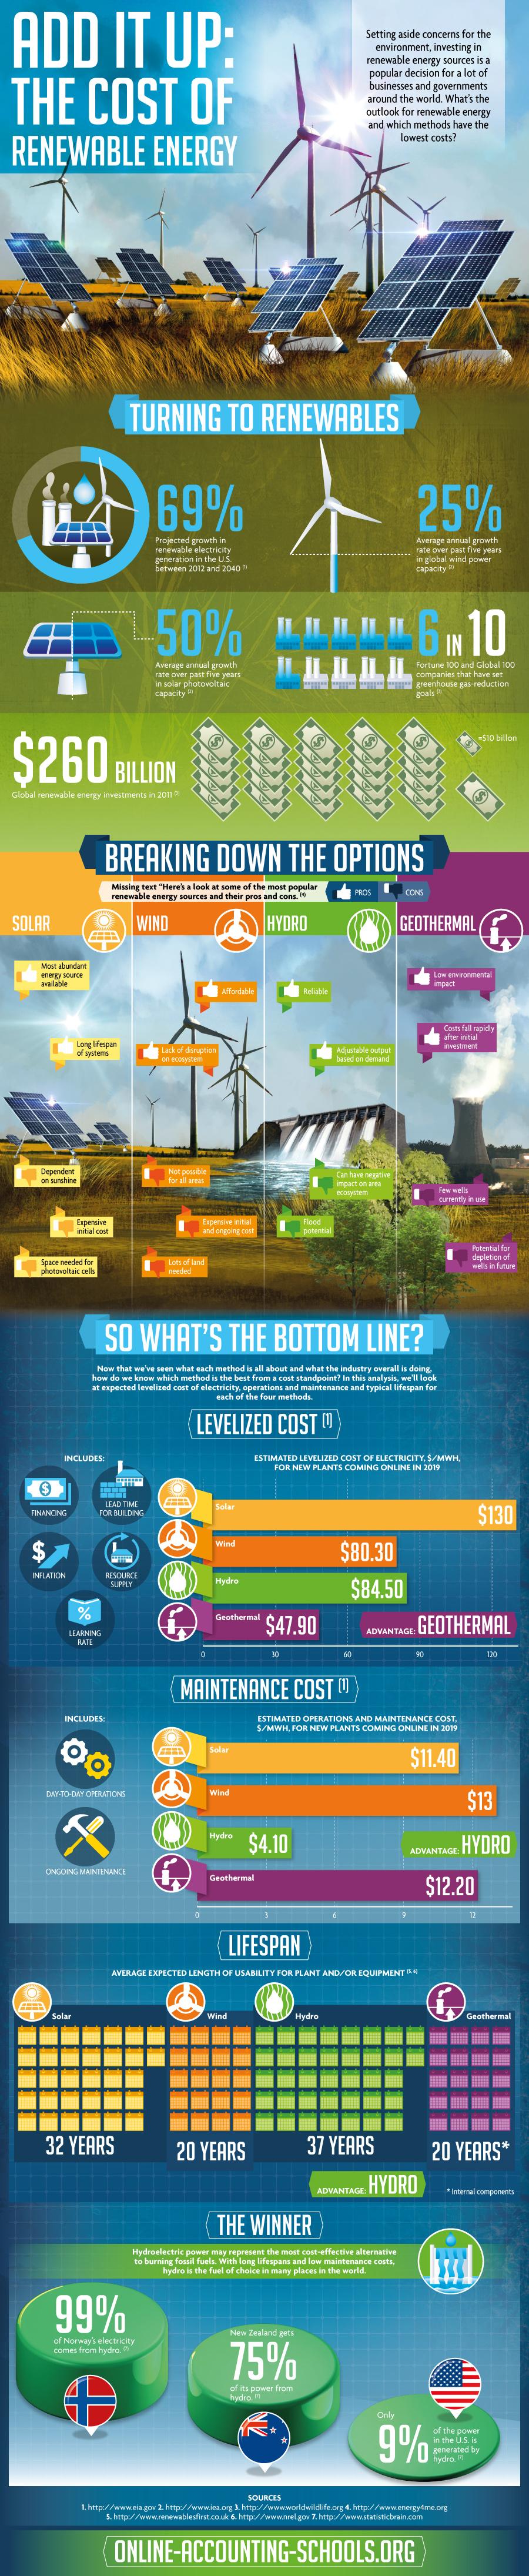 renewable-energy-cost